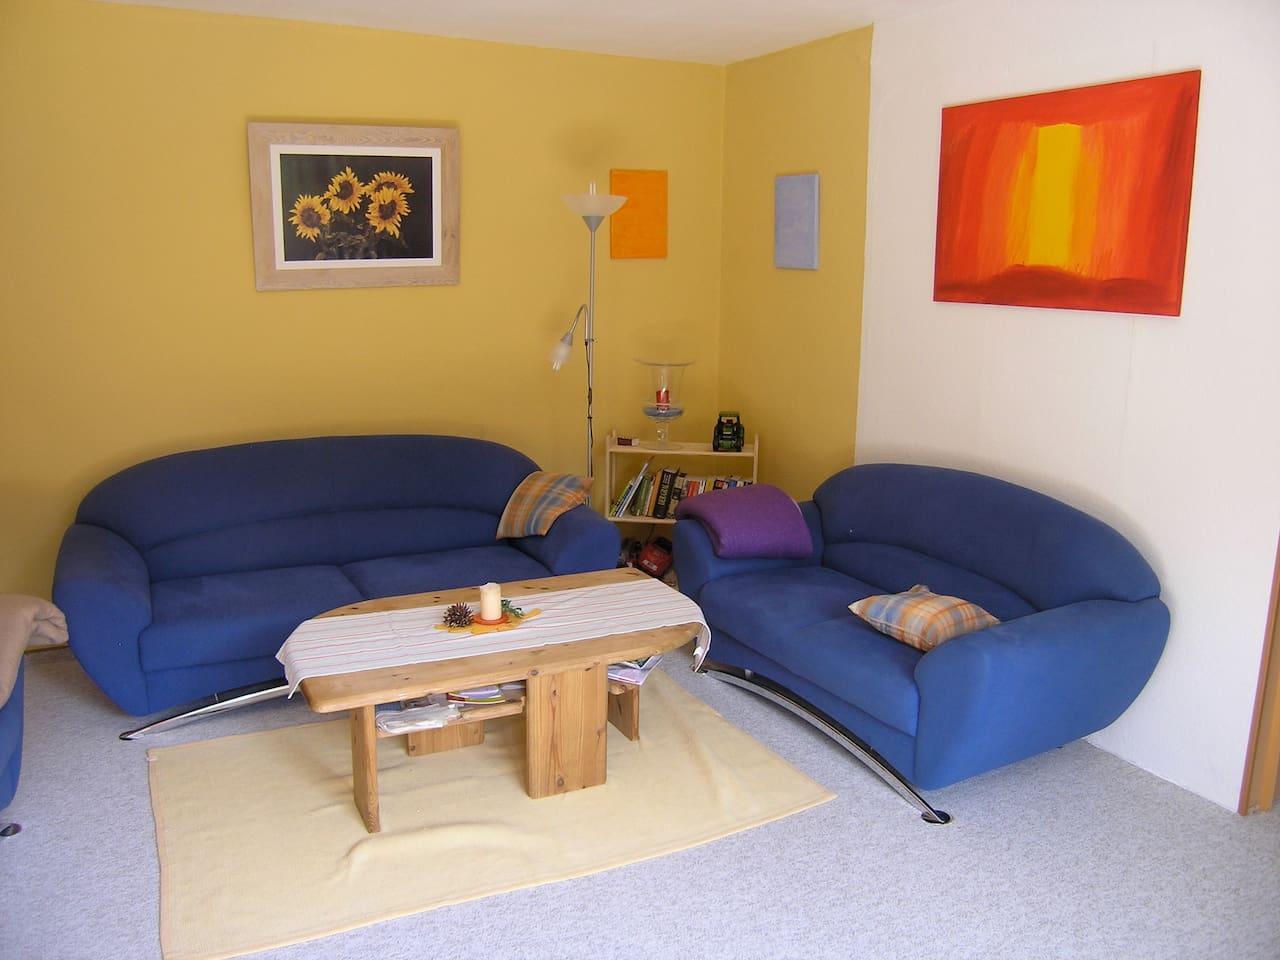 Das Wohnzimmer mit Blick auf die Nachmittagssonne